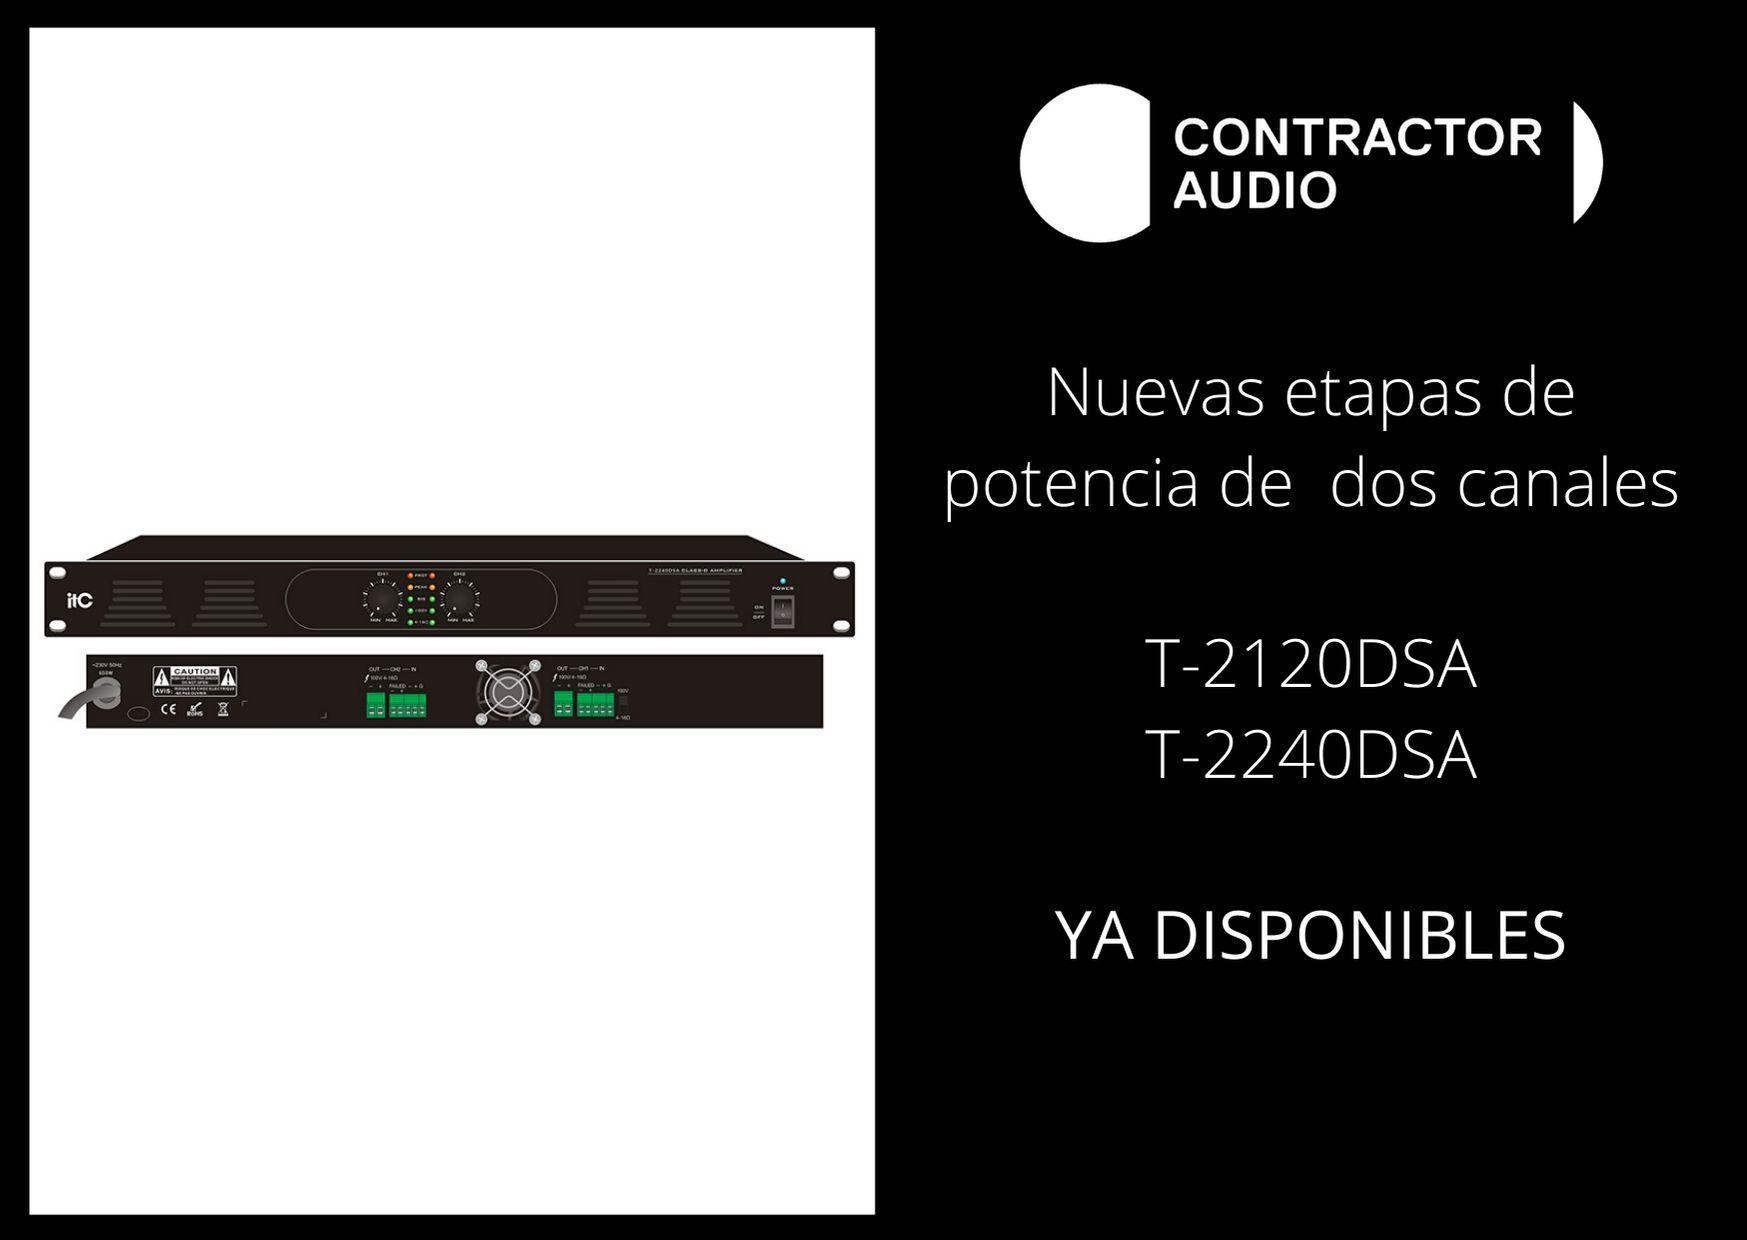 Nuevas etapas disponibles Contractor Audio